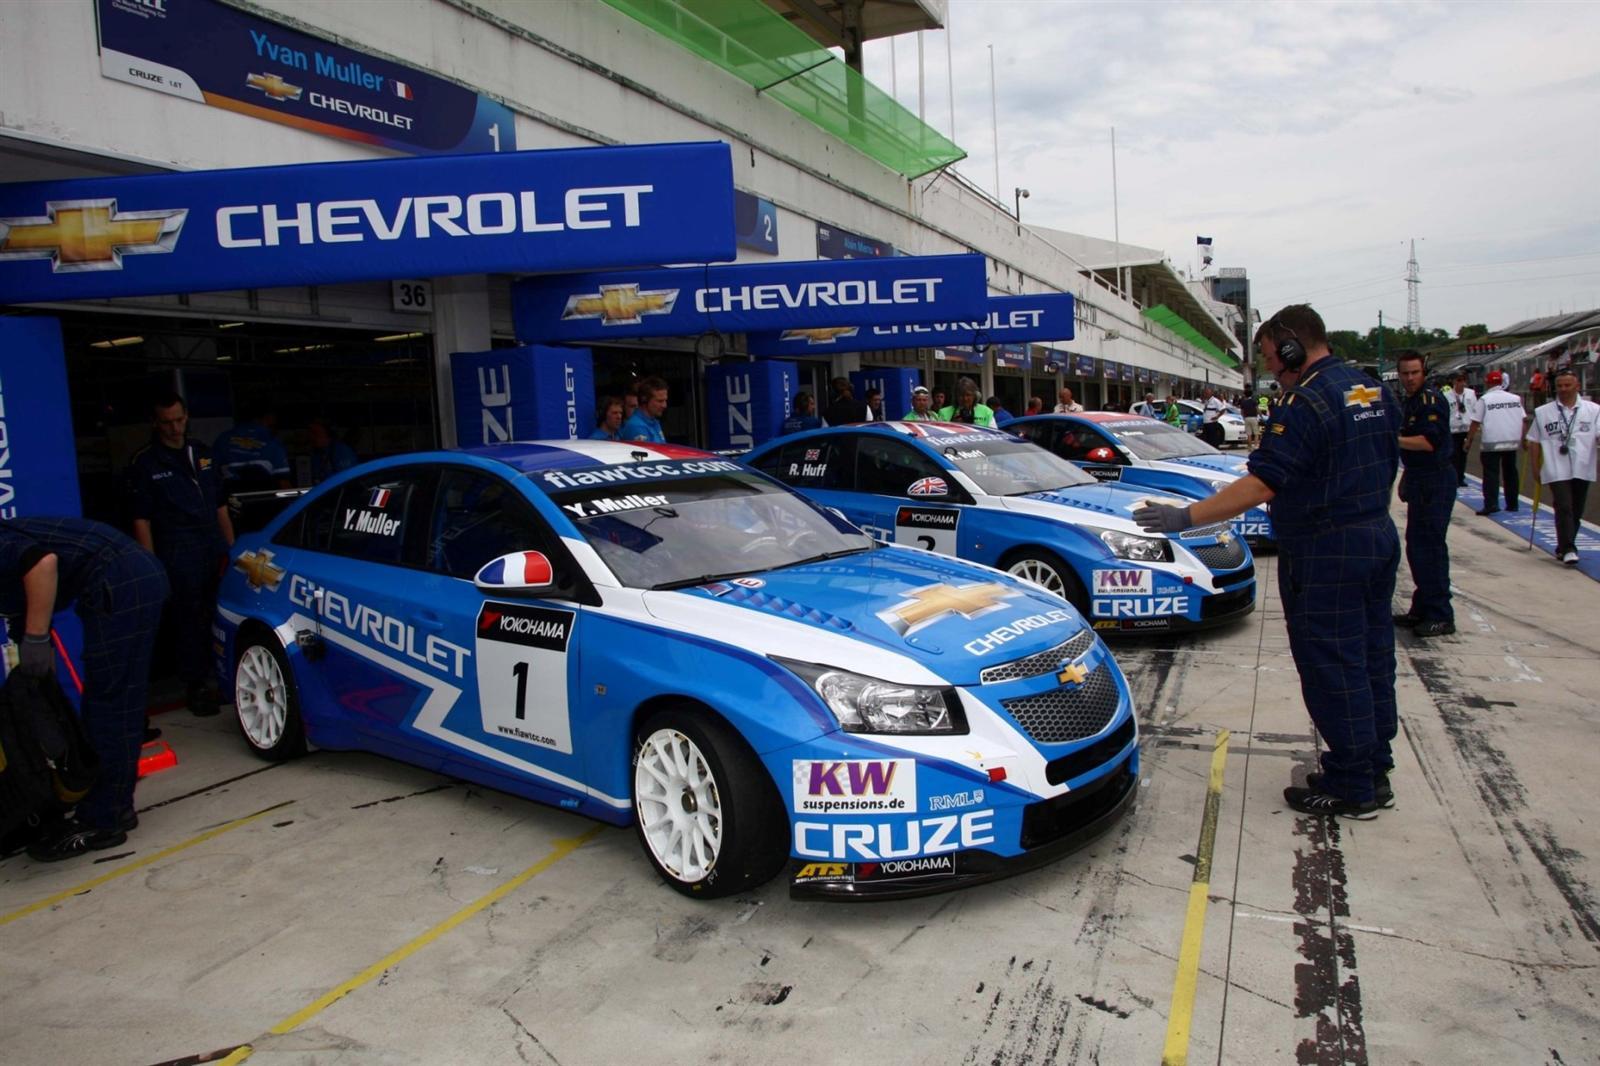 Cruze Wtcc Wallpaper 2011 Chevrolet Cruze Wtcc